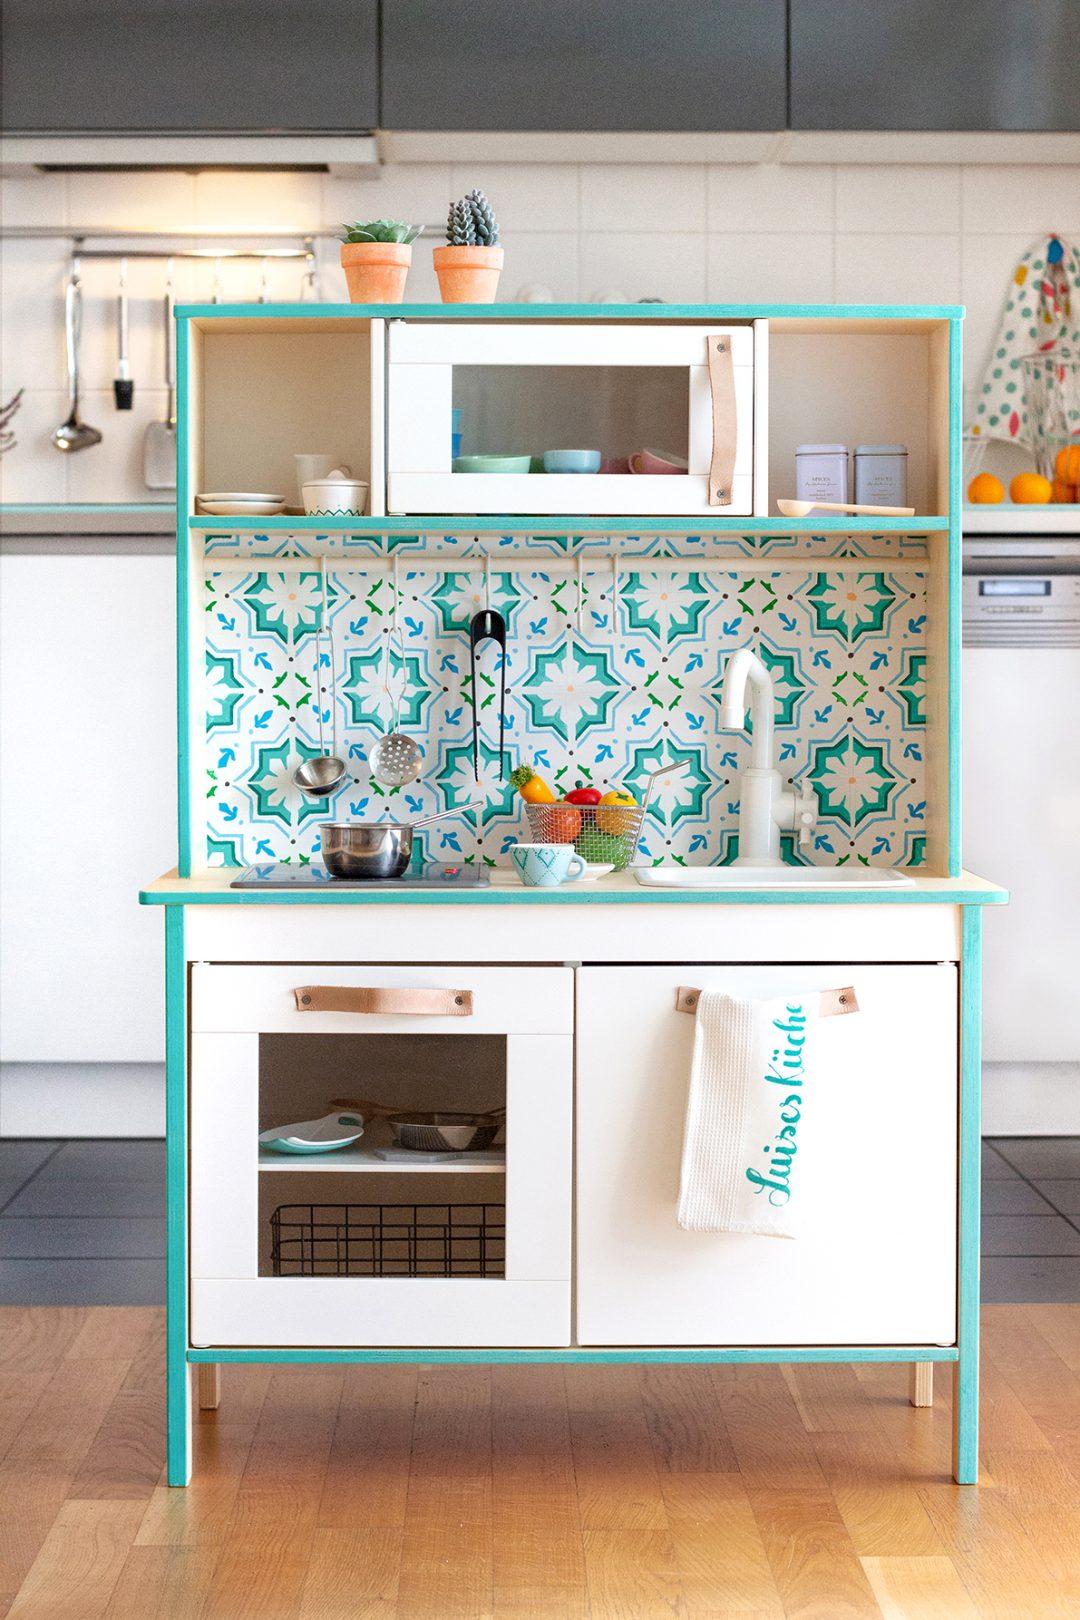 Pimp My Kitchen Ikea Duktig Kinderkuche Und Zubehor Bemalen